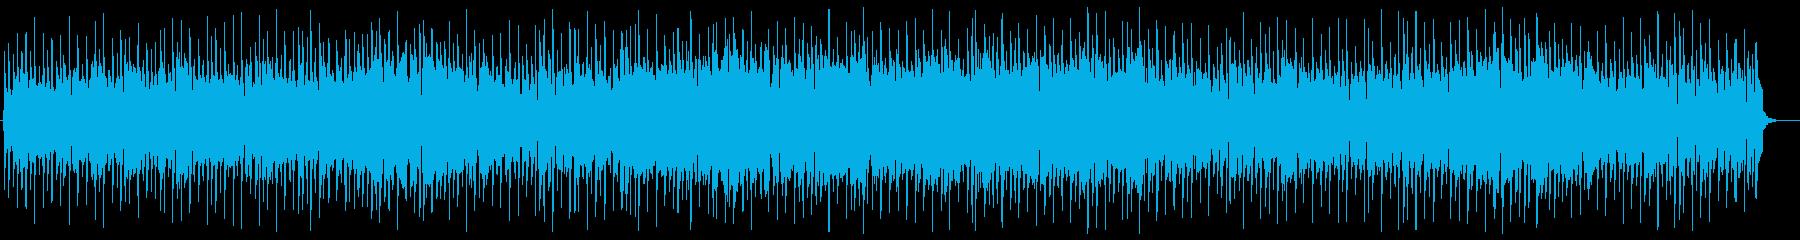 いつでもノリノリな気分になるBGMの再生済みの波形